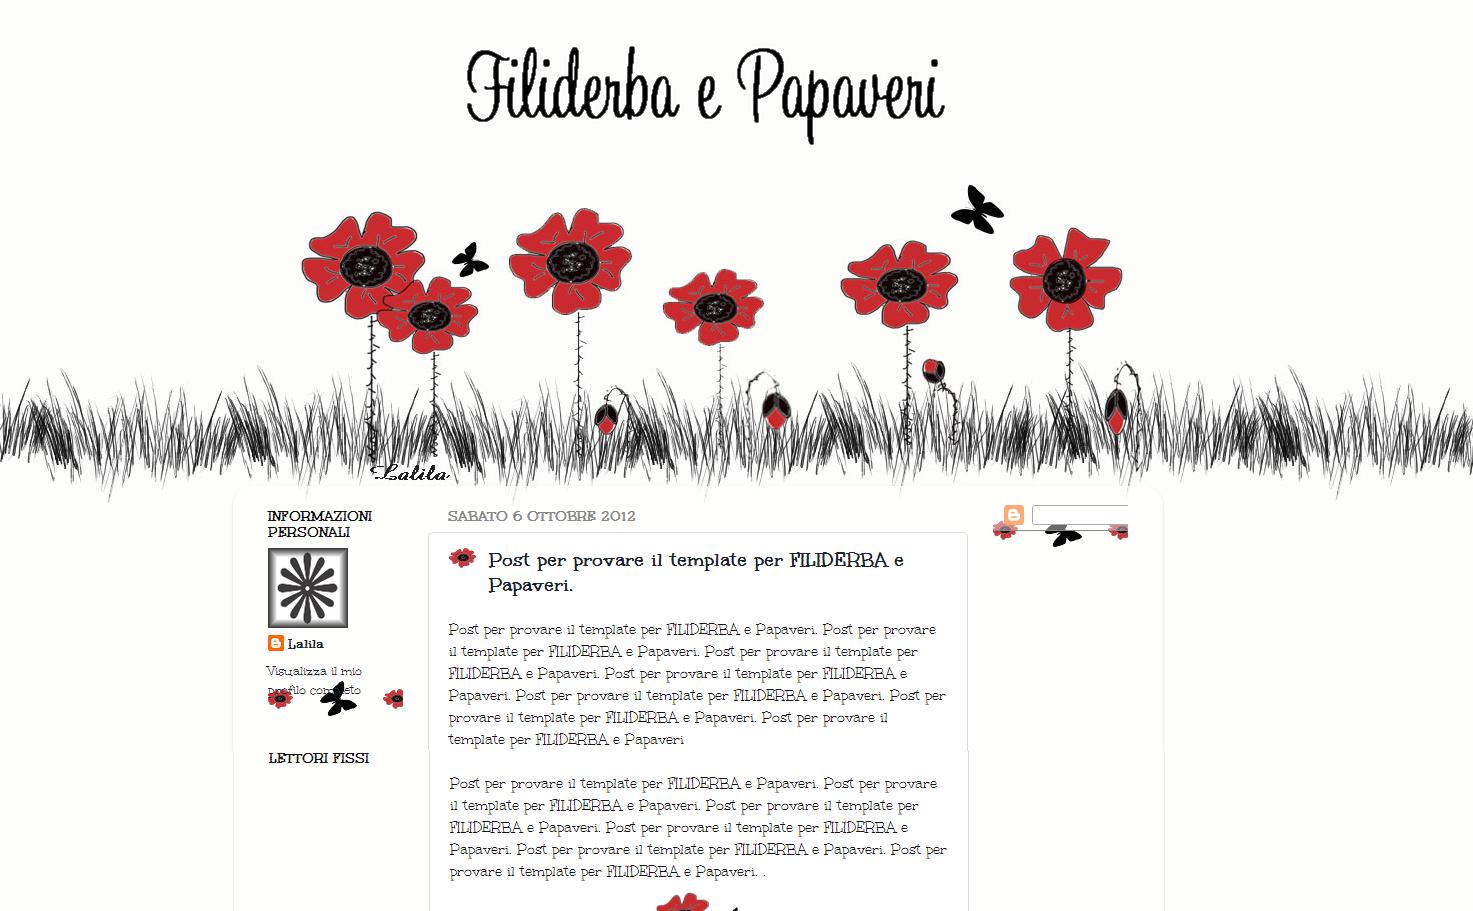 http://rovistando.blogspot.it/2012/10/template-per-filiderba-e-papaveri.html